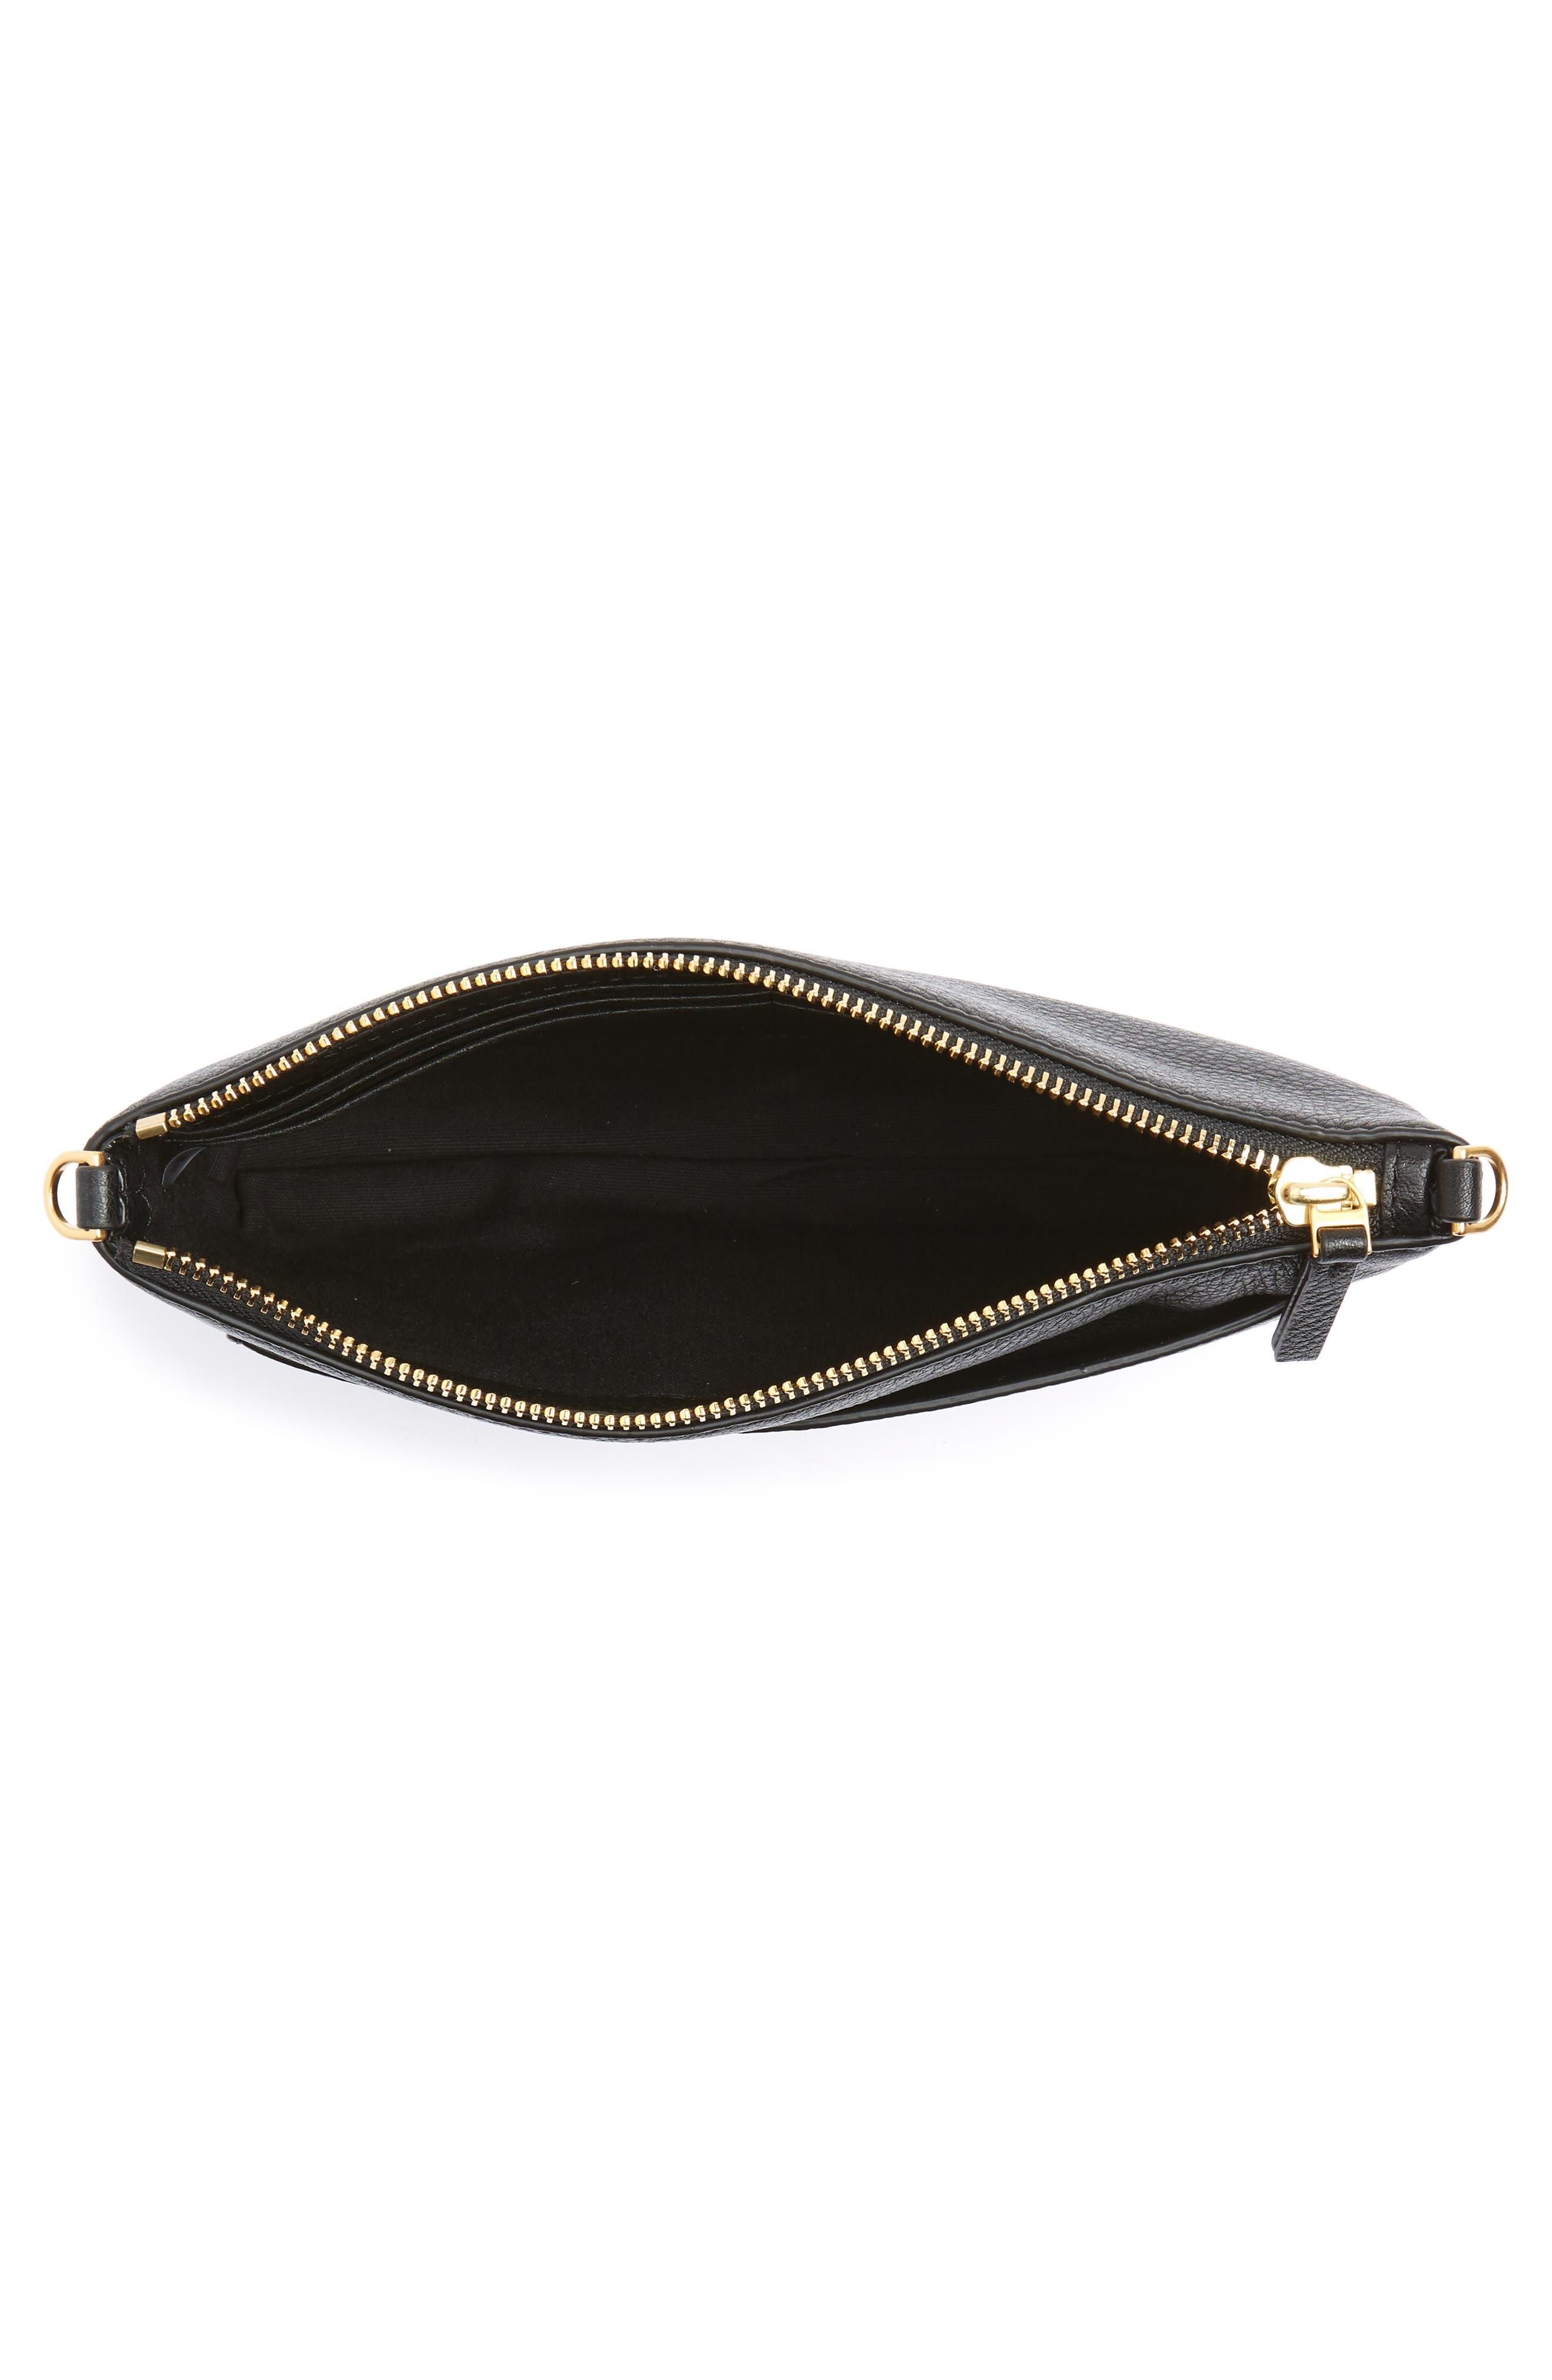 Tassel Leather Crossbody Bag,                             Alternate thumbnail 4, color,                             BLACK